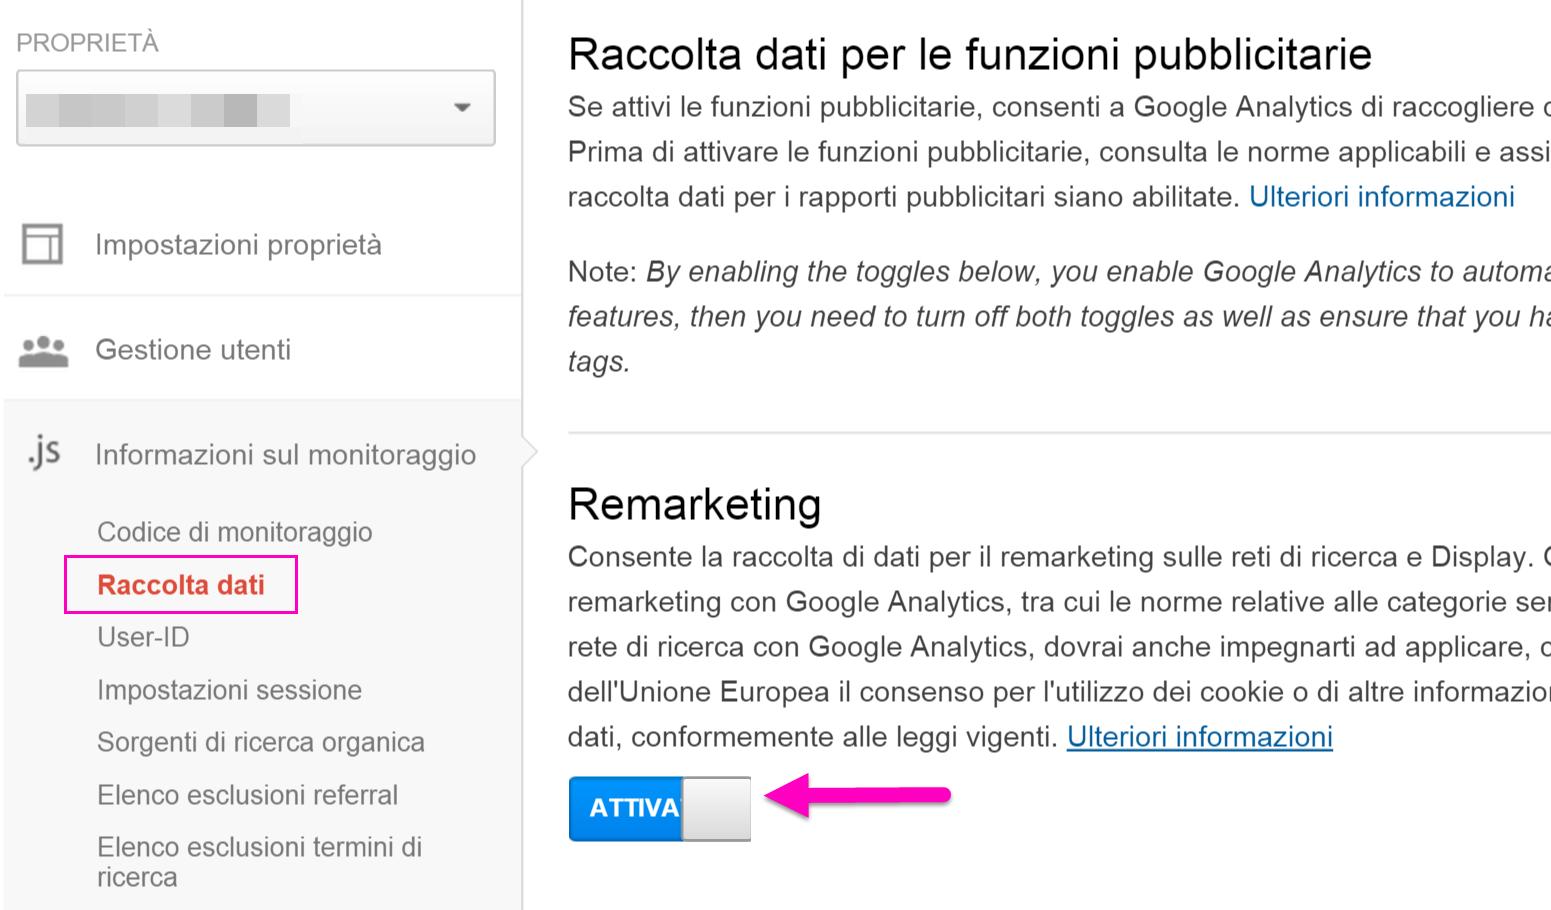 remarketing_rete_di_ricerca